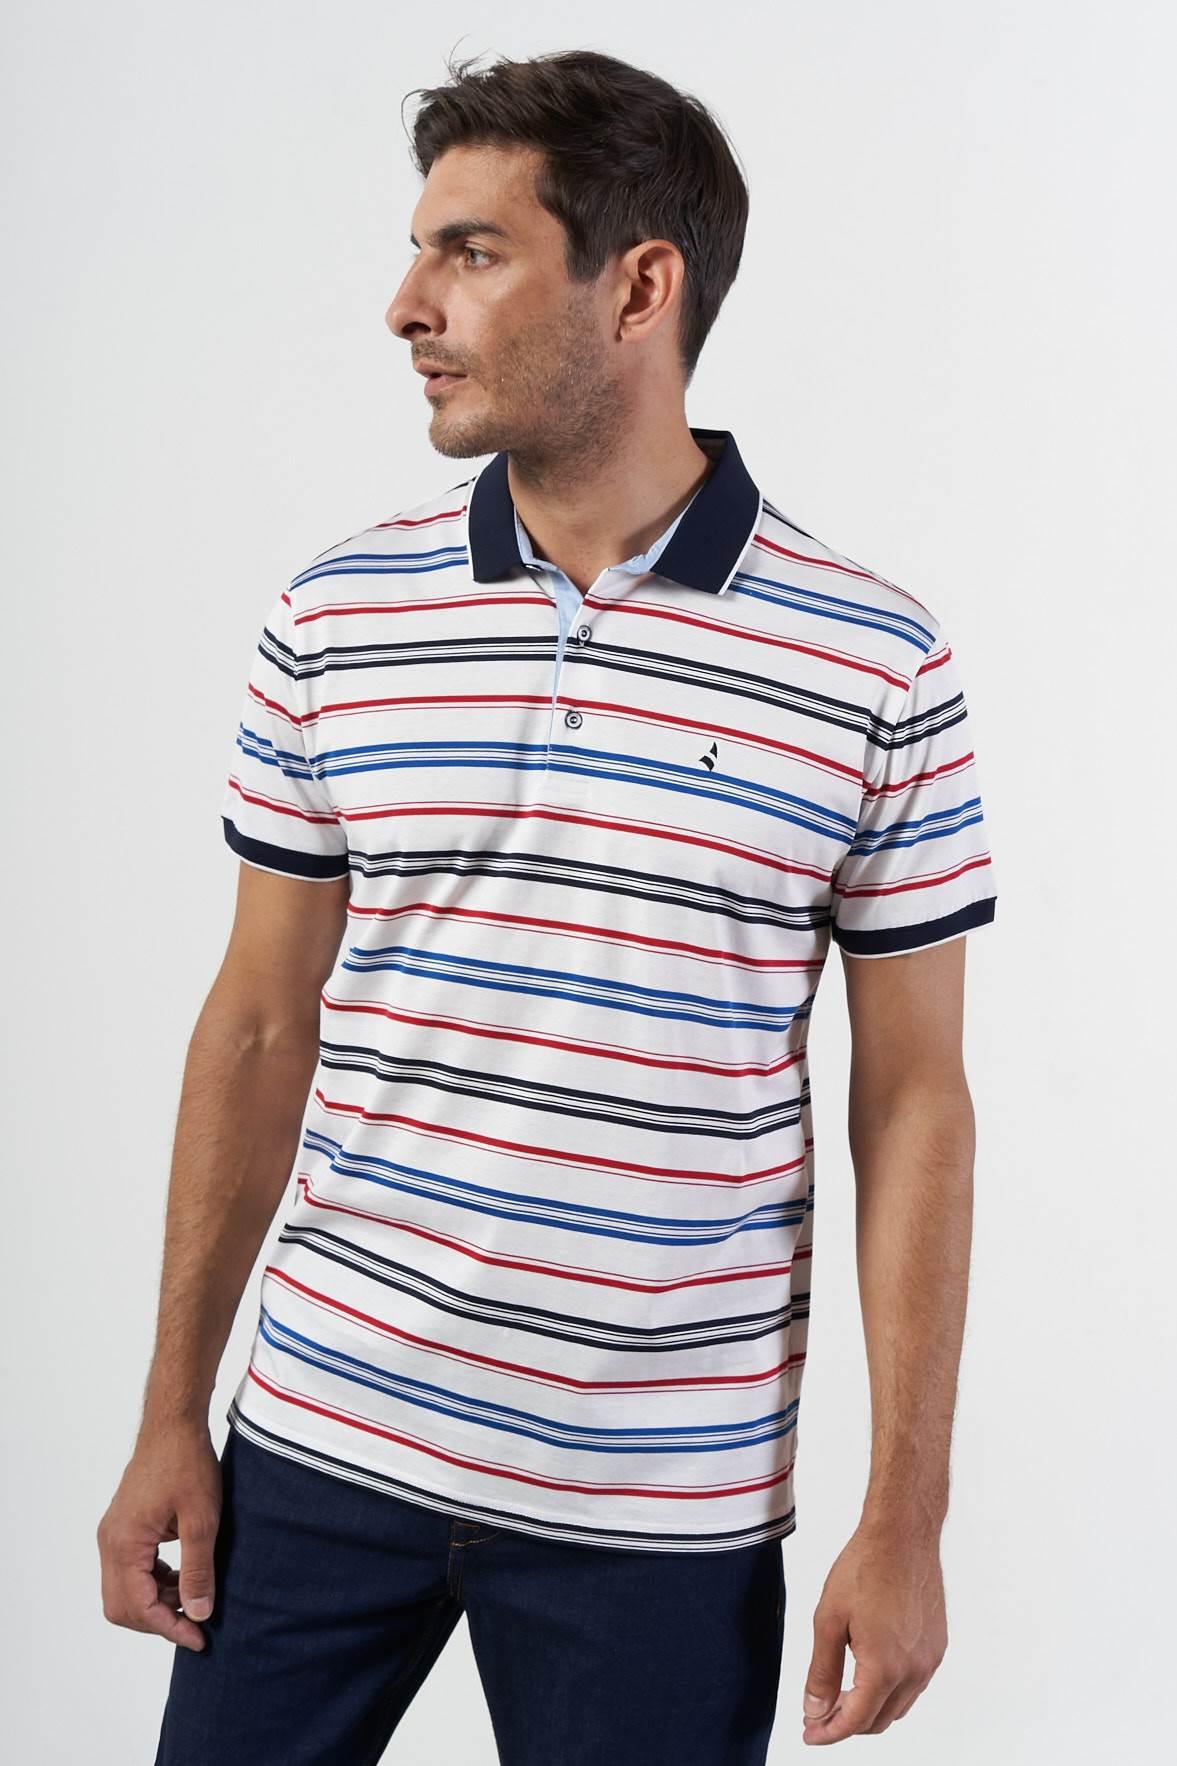 NAVIGARE Polo majica # 699 kn